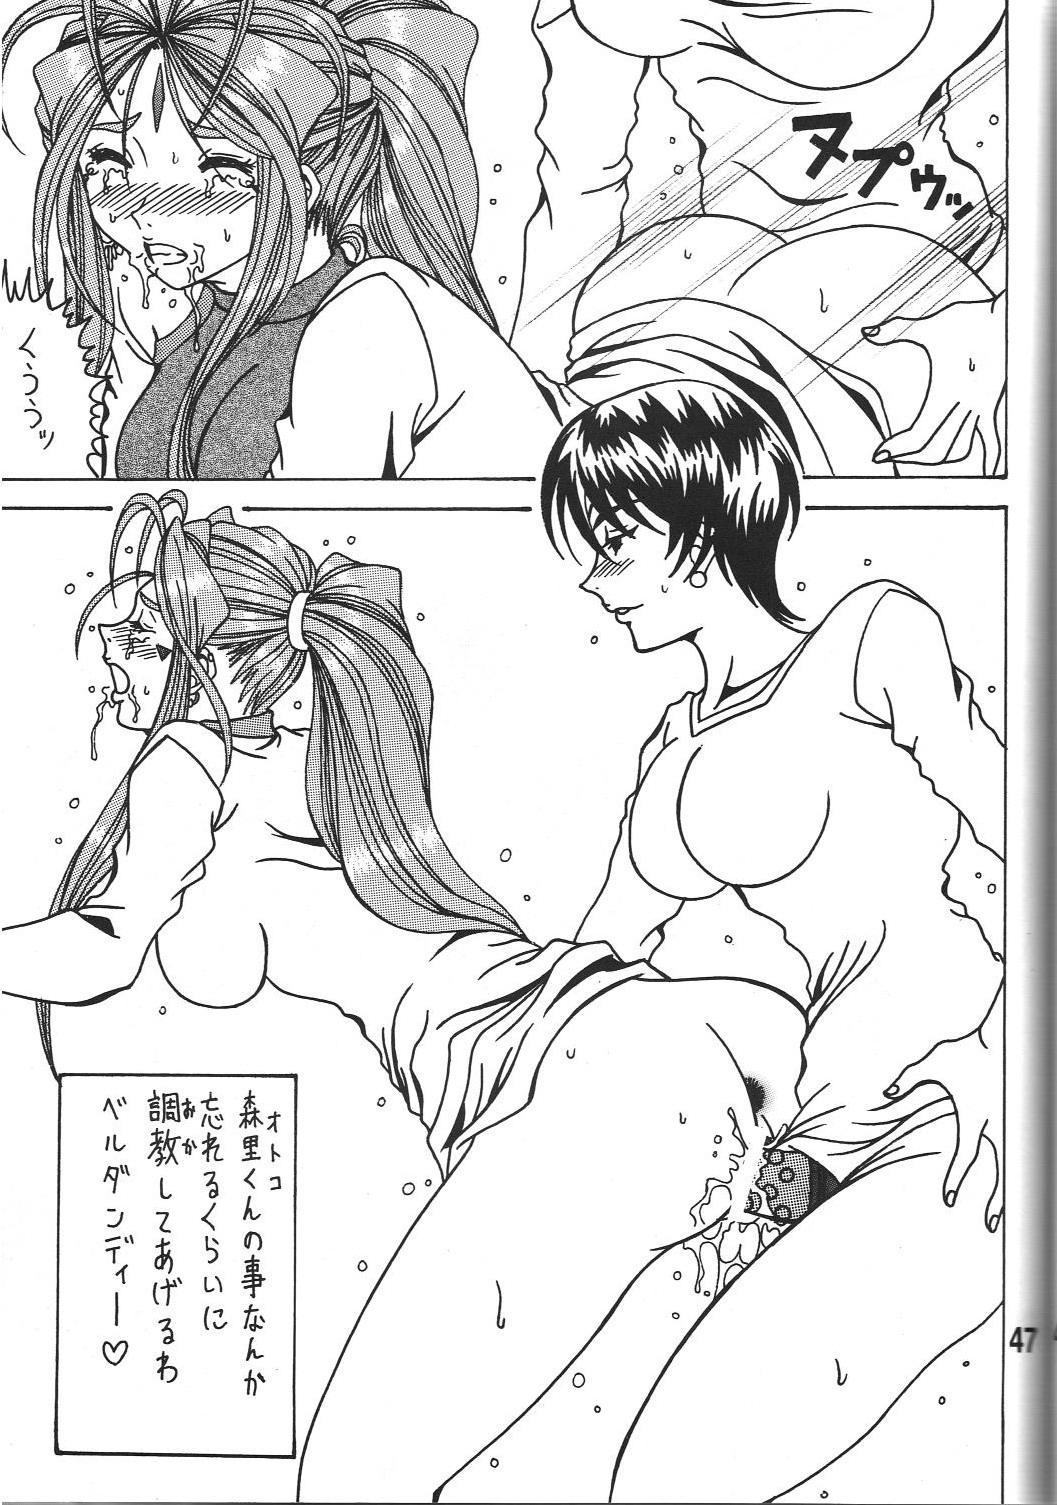 Megami no yuri kago 46